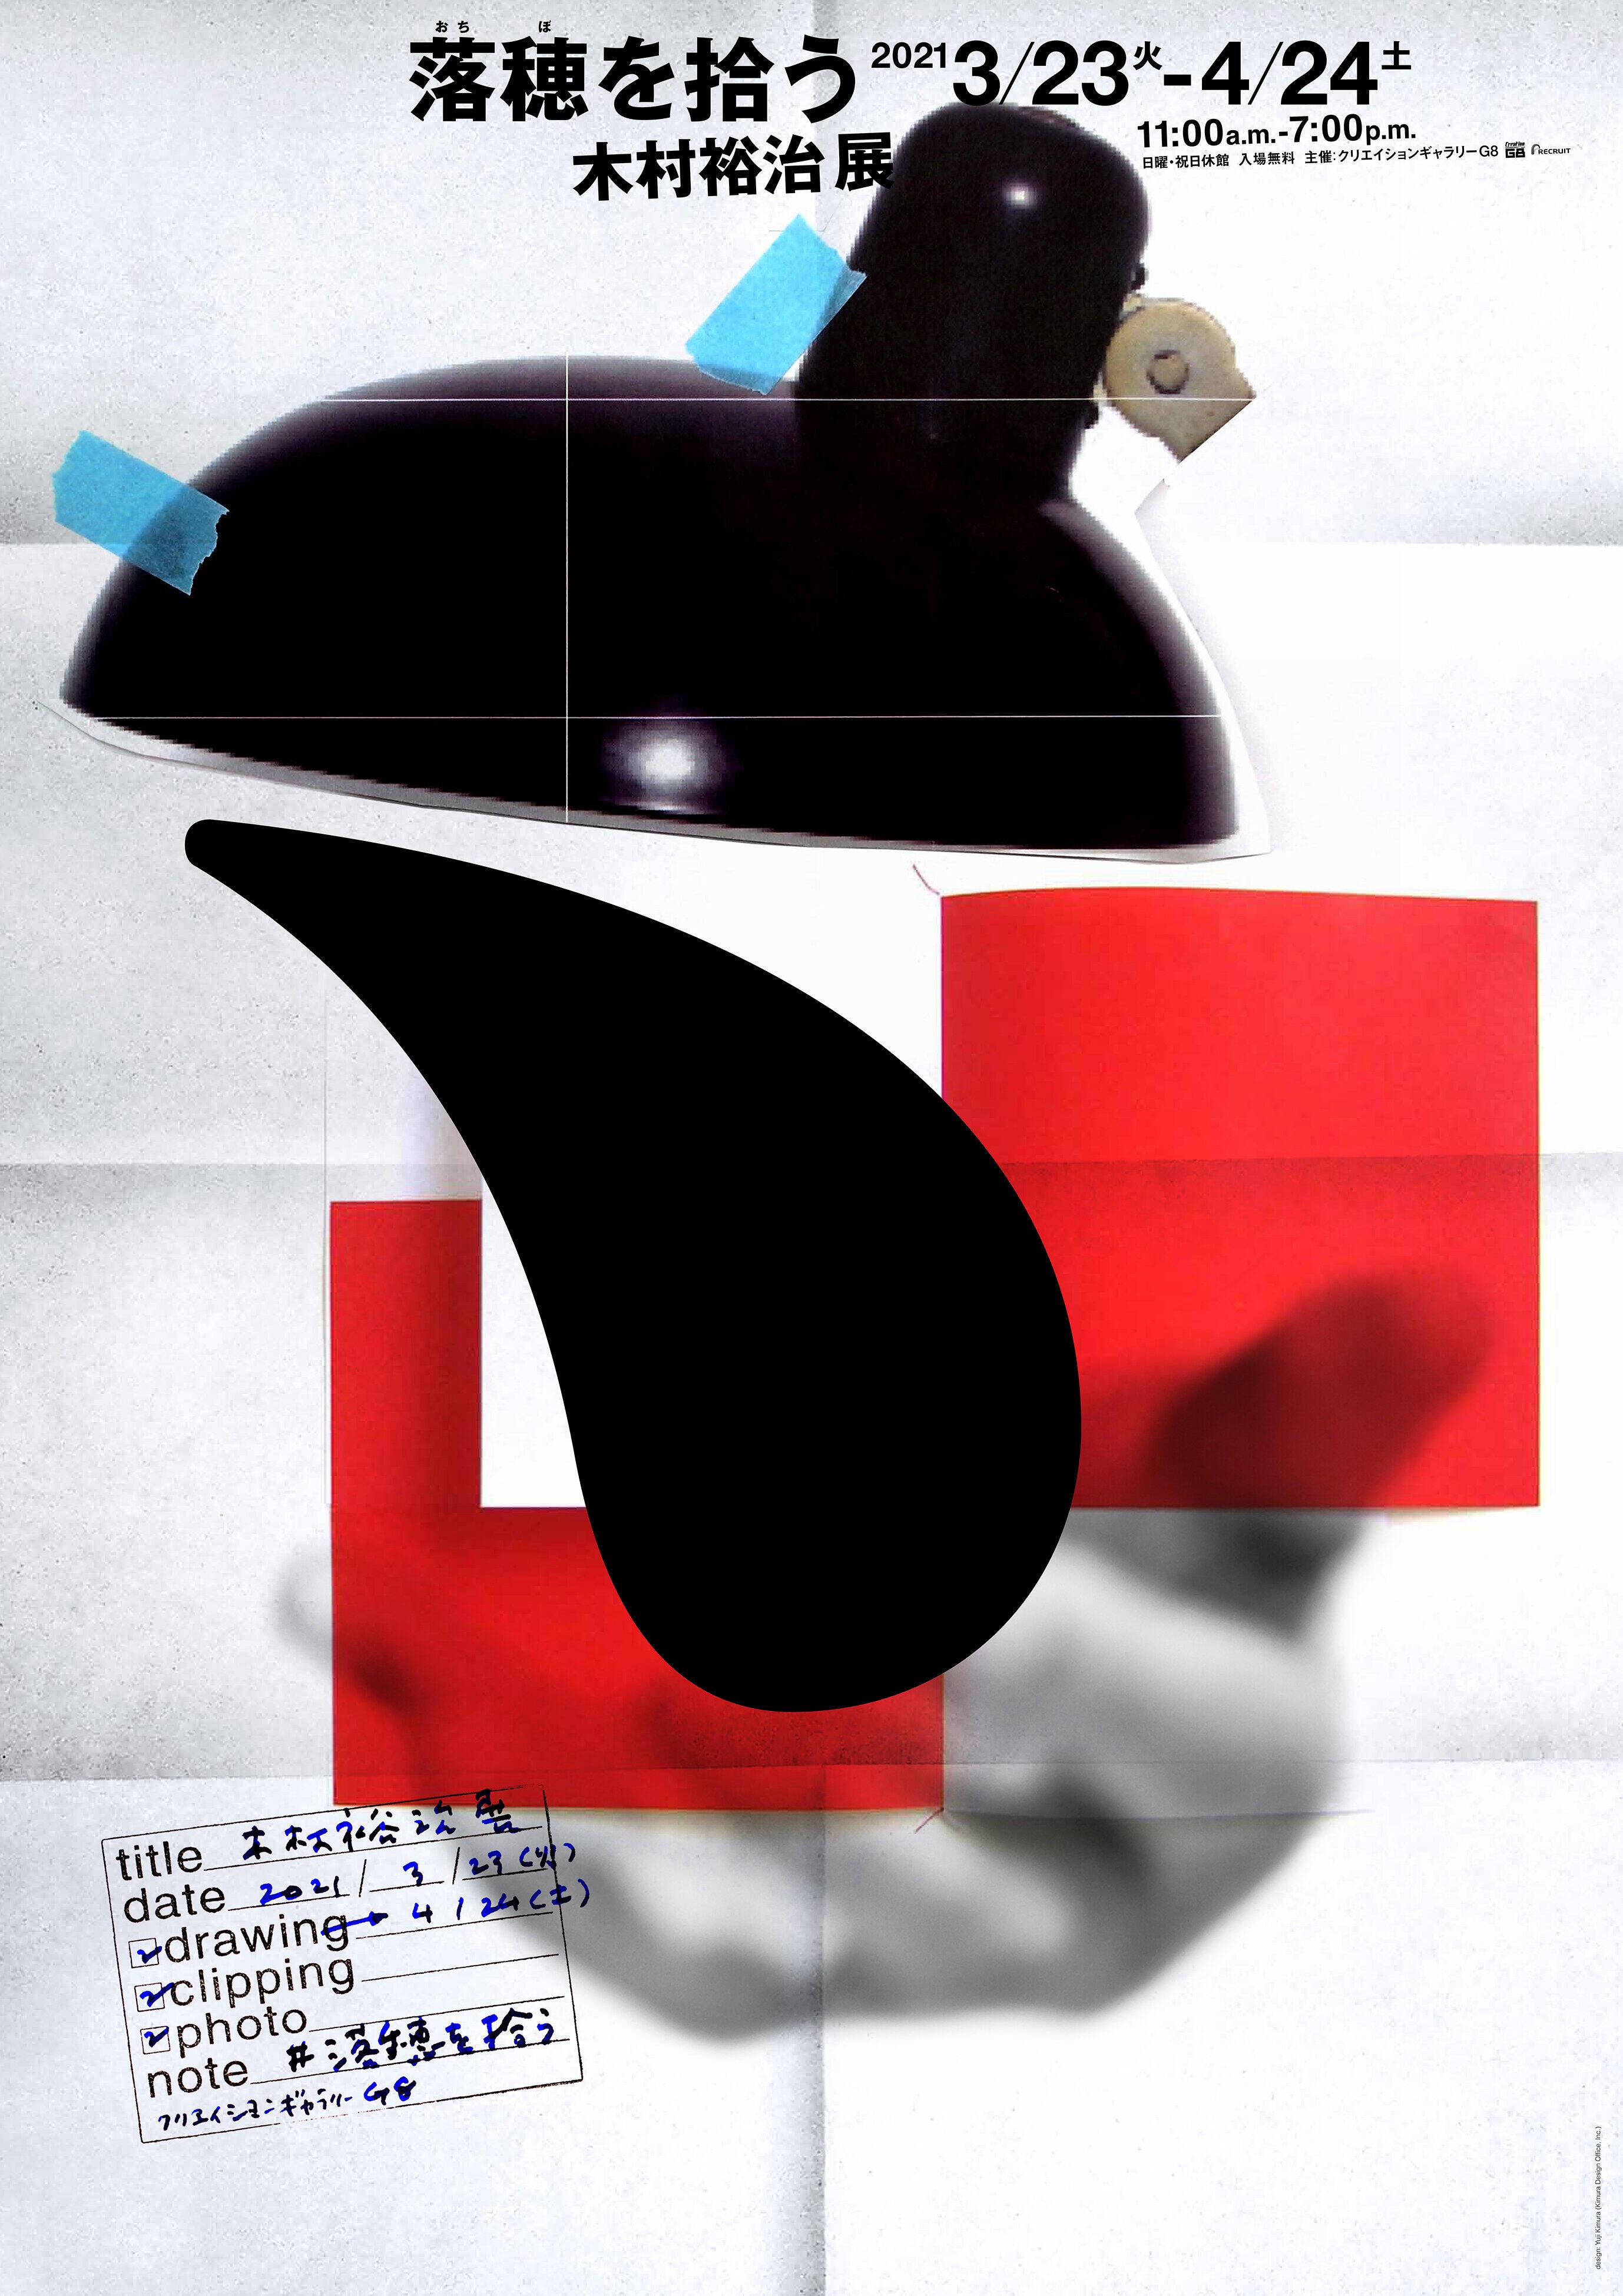 『Esquire日本版』、『翼の王国』、『失われた時を求めて』 著名アートディレクター木村裕治さん、国内初の個展